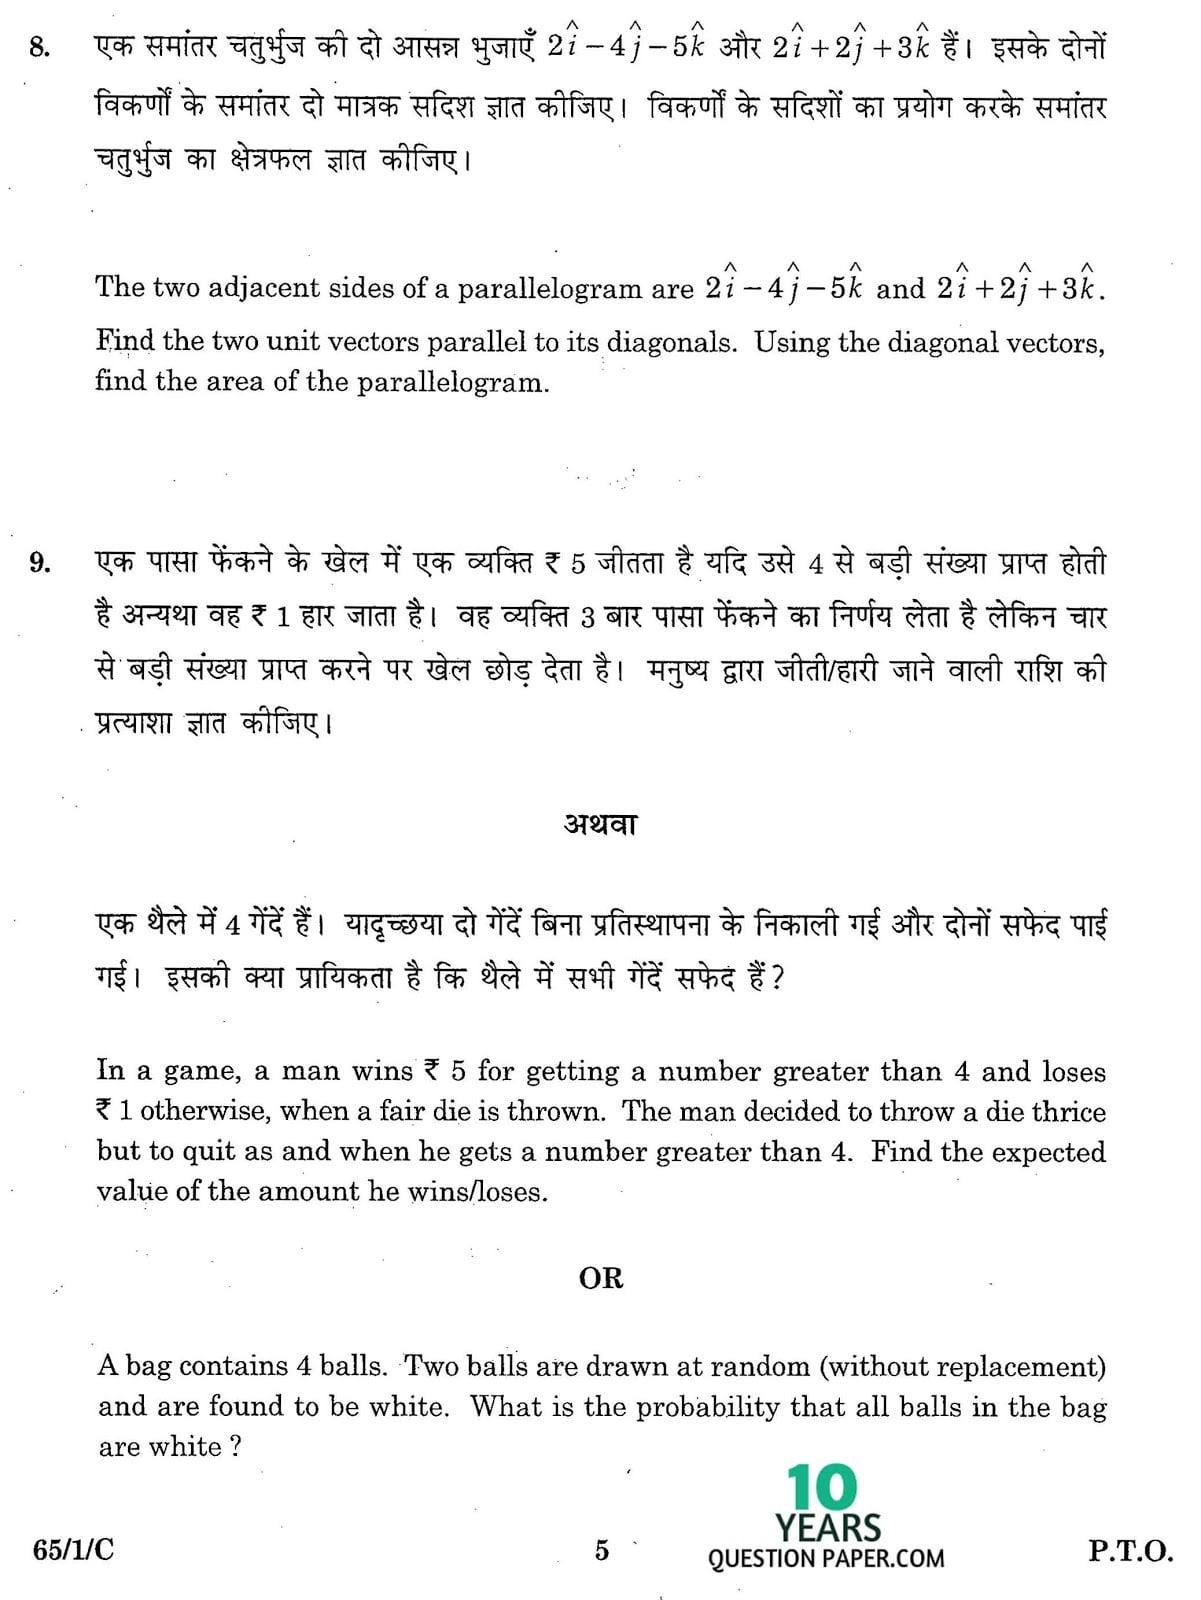 CBSE Class 12 Mathematics 2016 SET-1 Question Paper